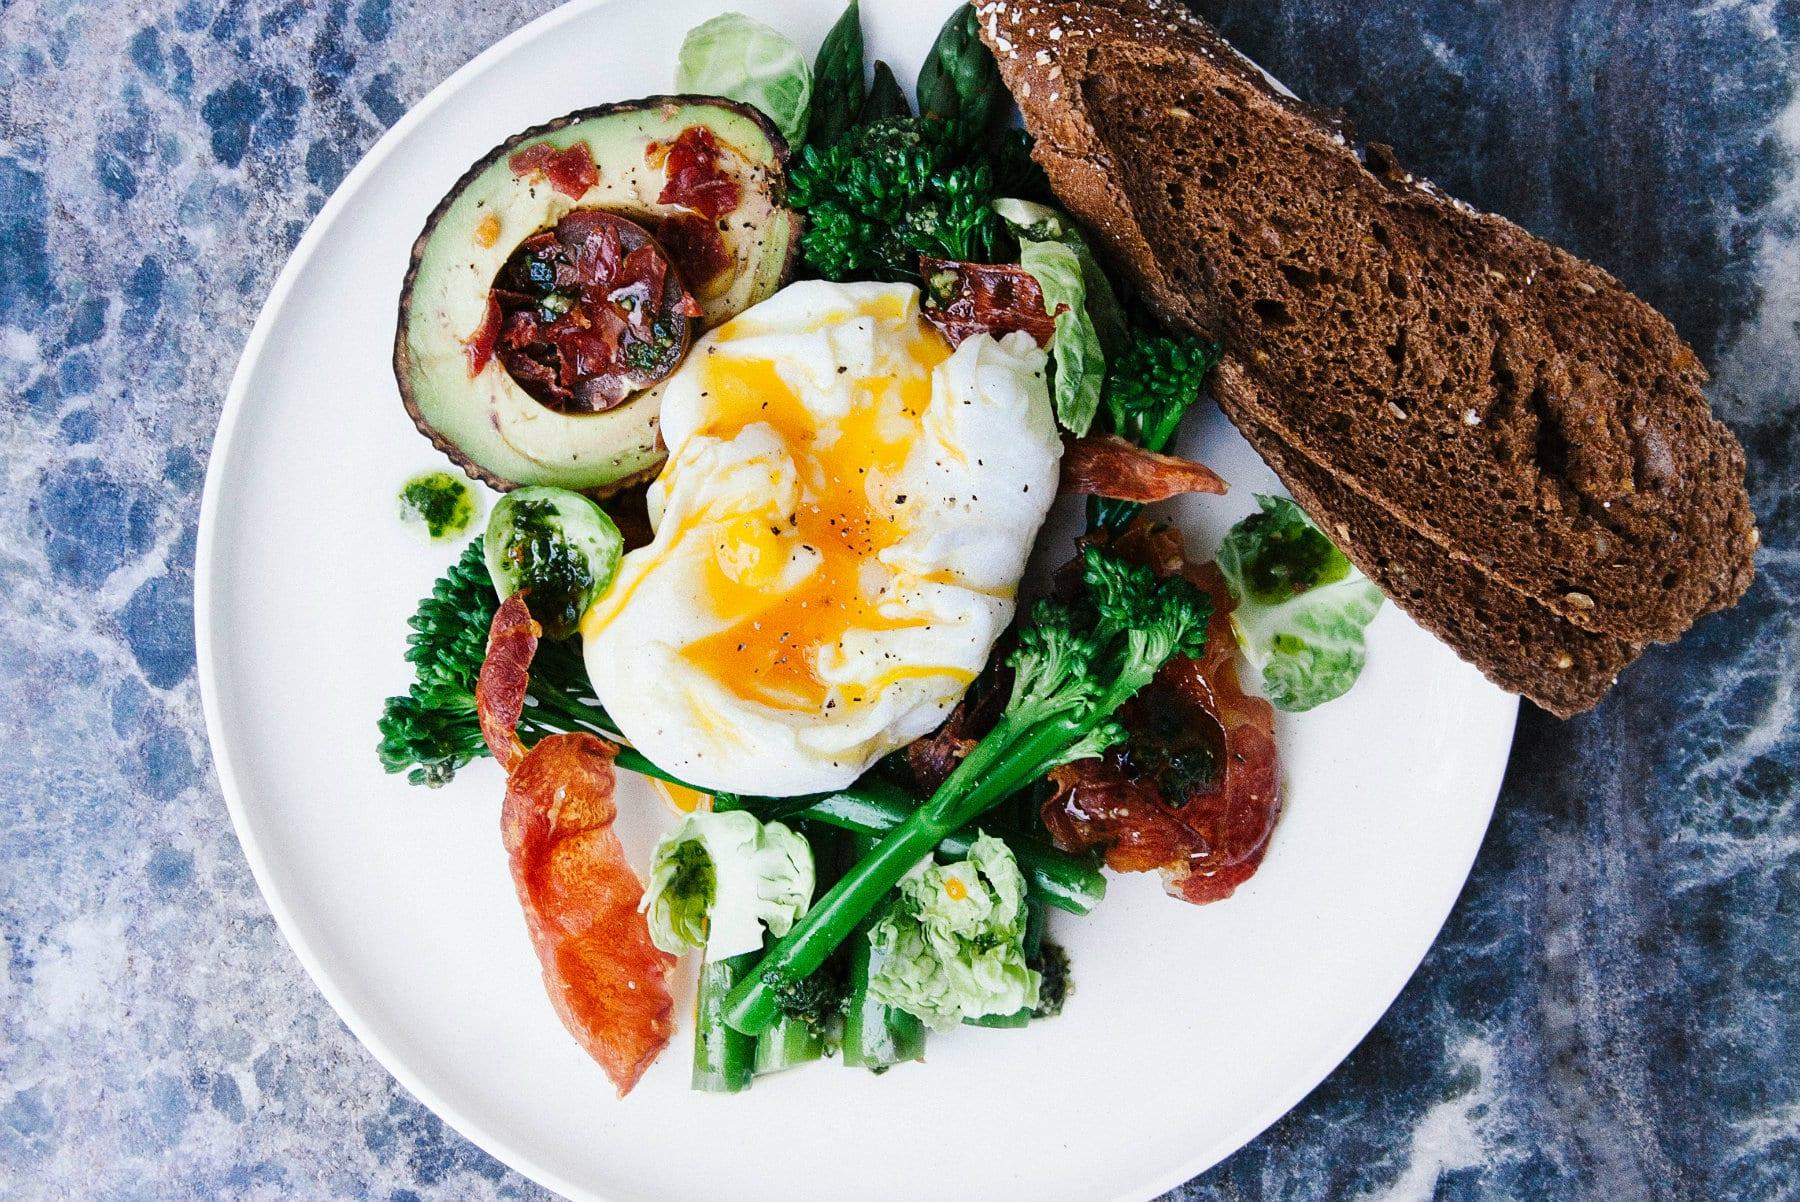 增肌吃全蛋还是只吃蛋清?科学为你解答